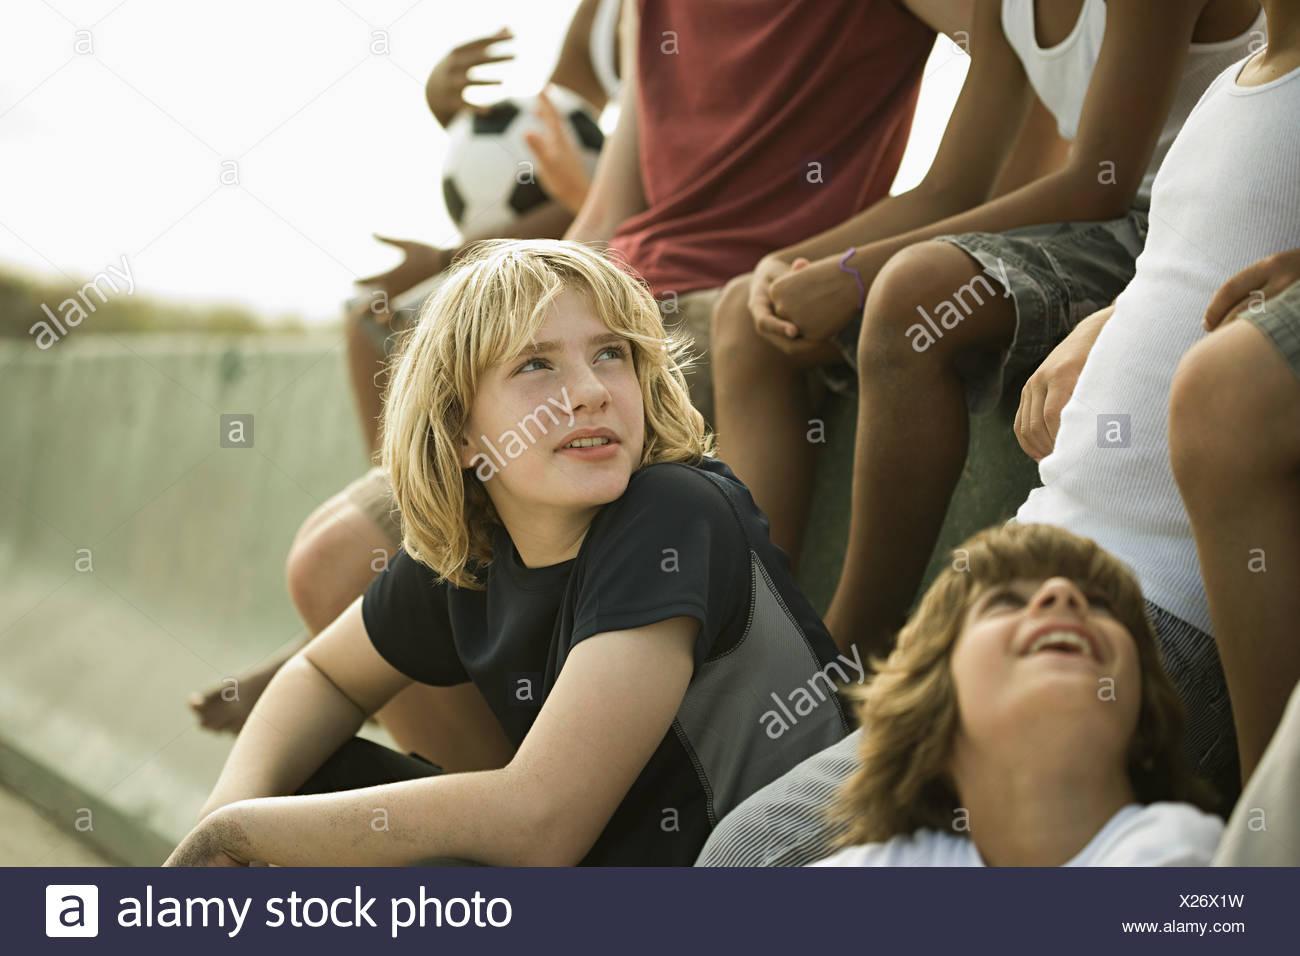 Grupo de muchachos por pared con el fútbol Imagen De Stock